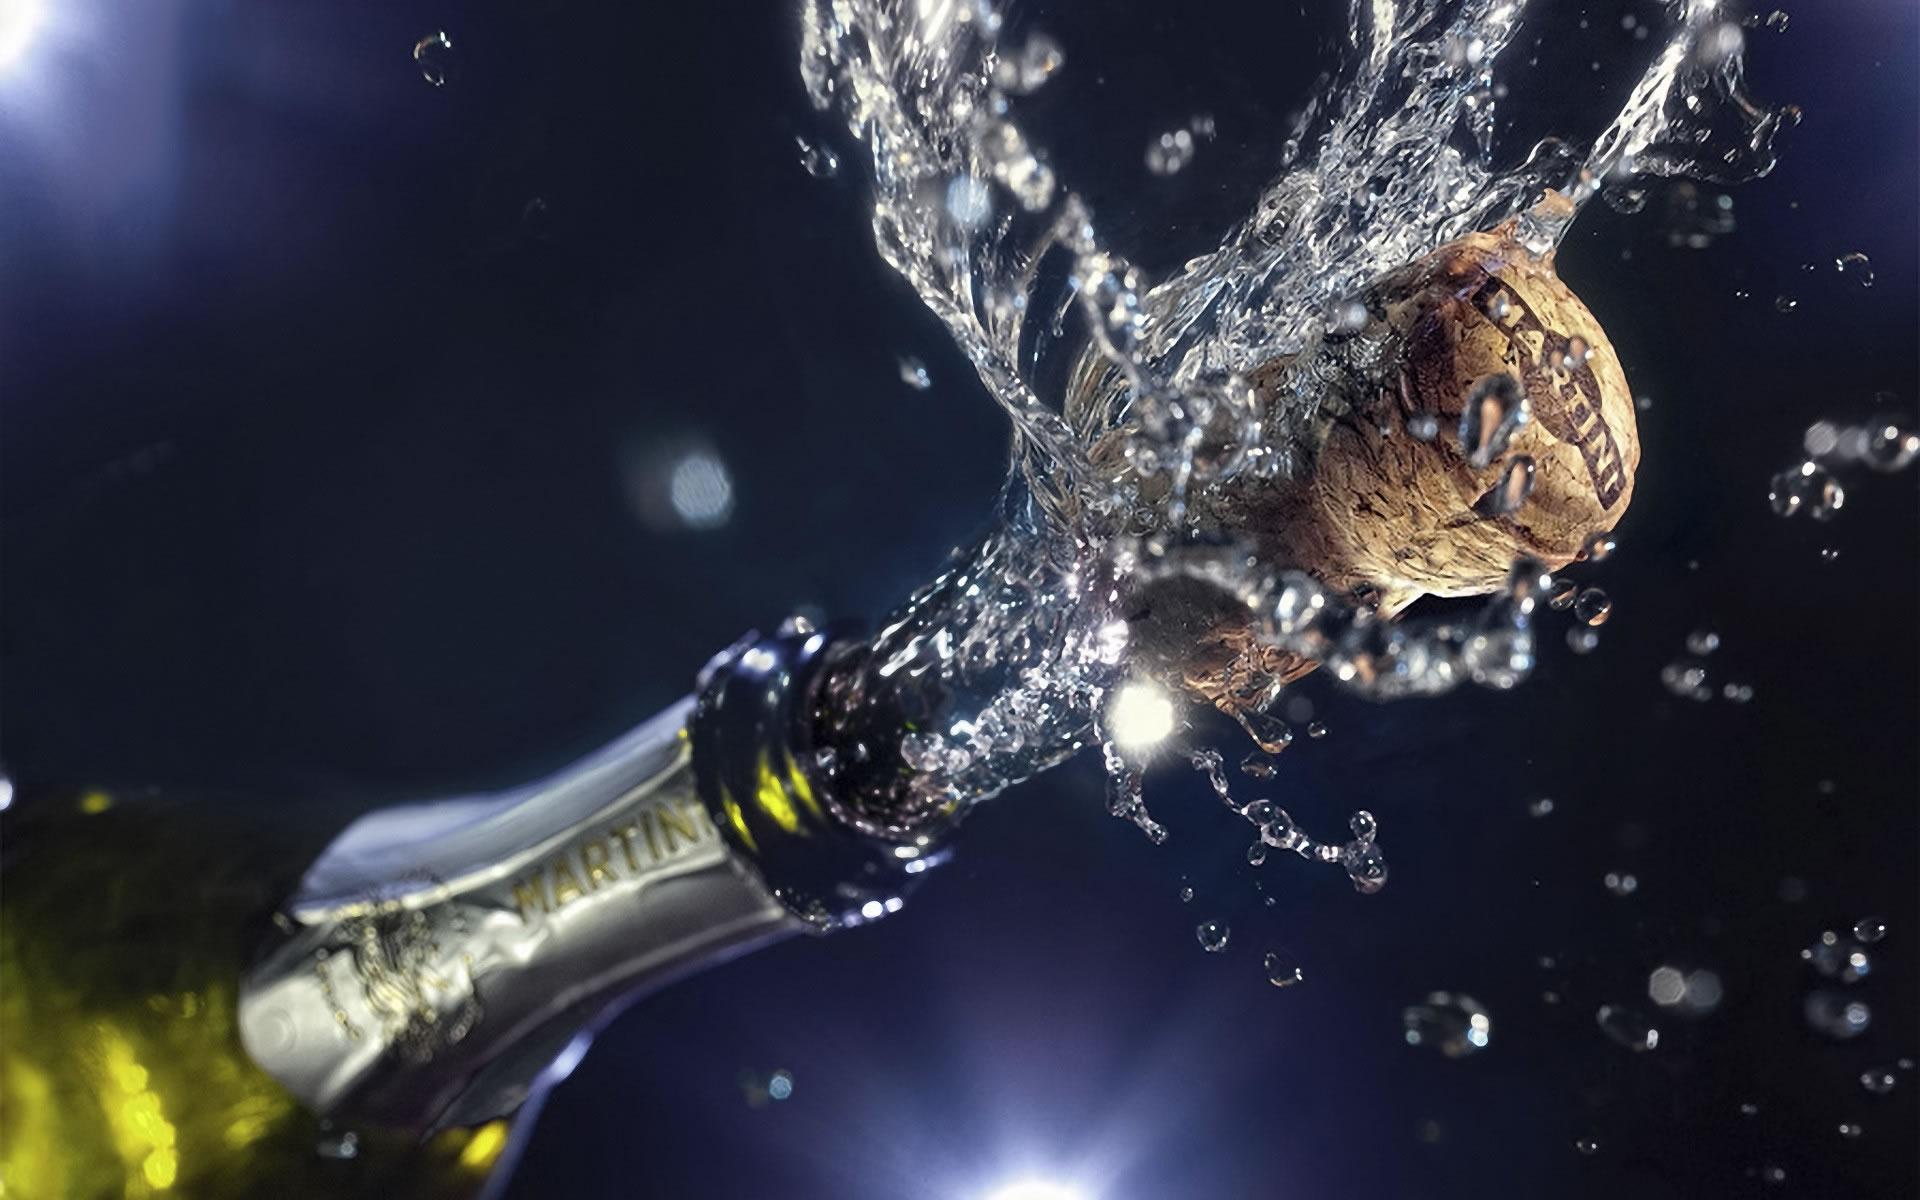 Champagne para fin de ano Wallpaper